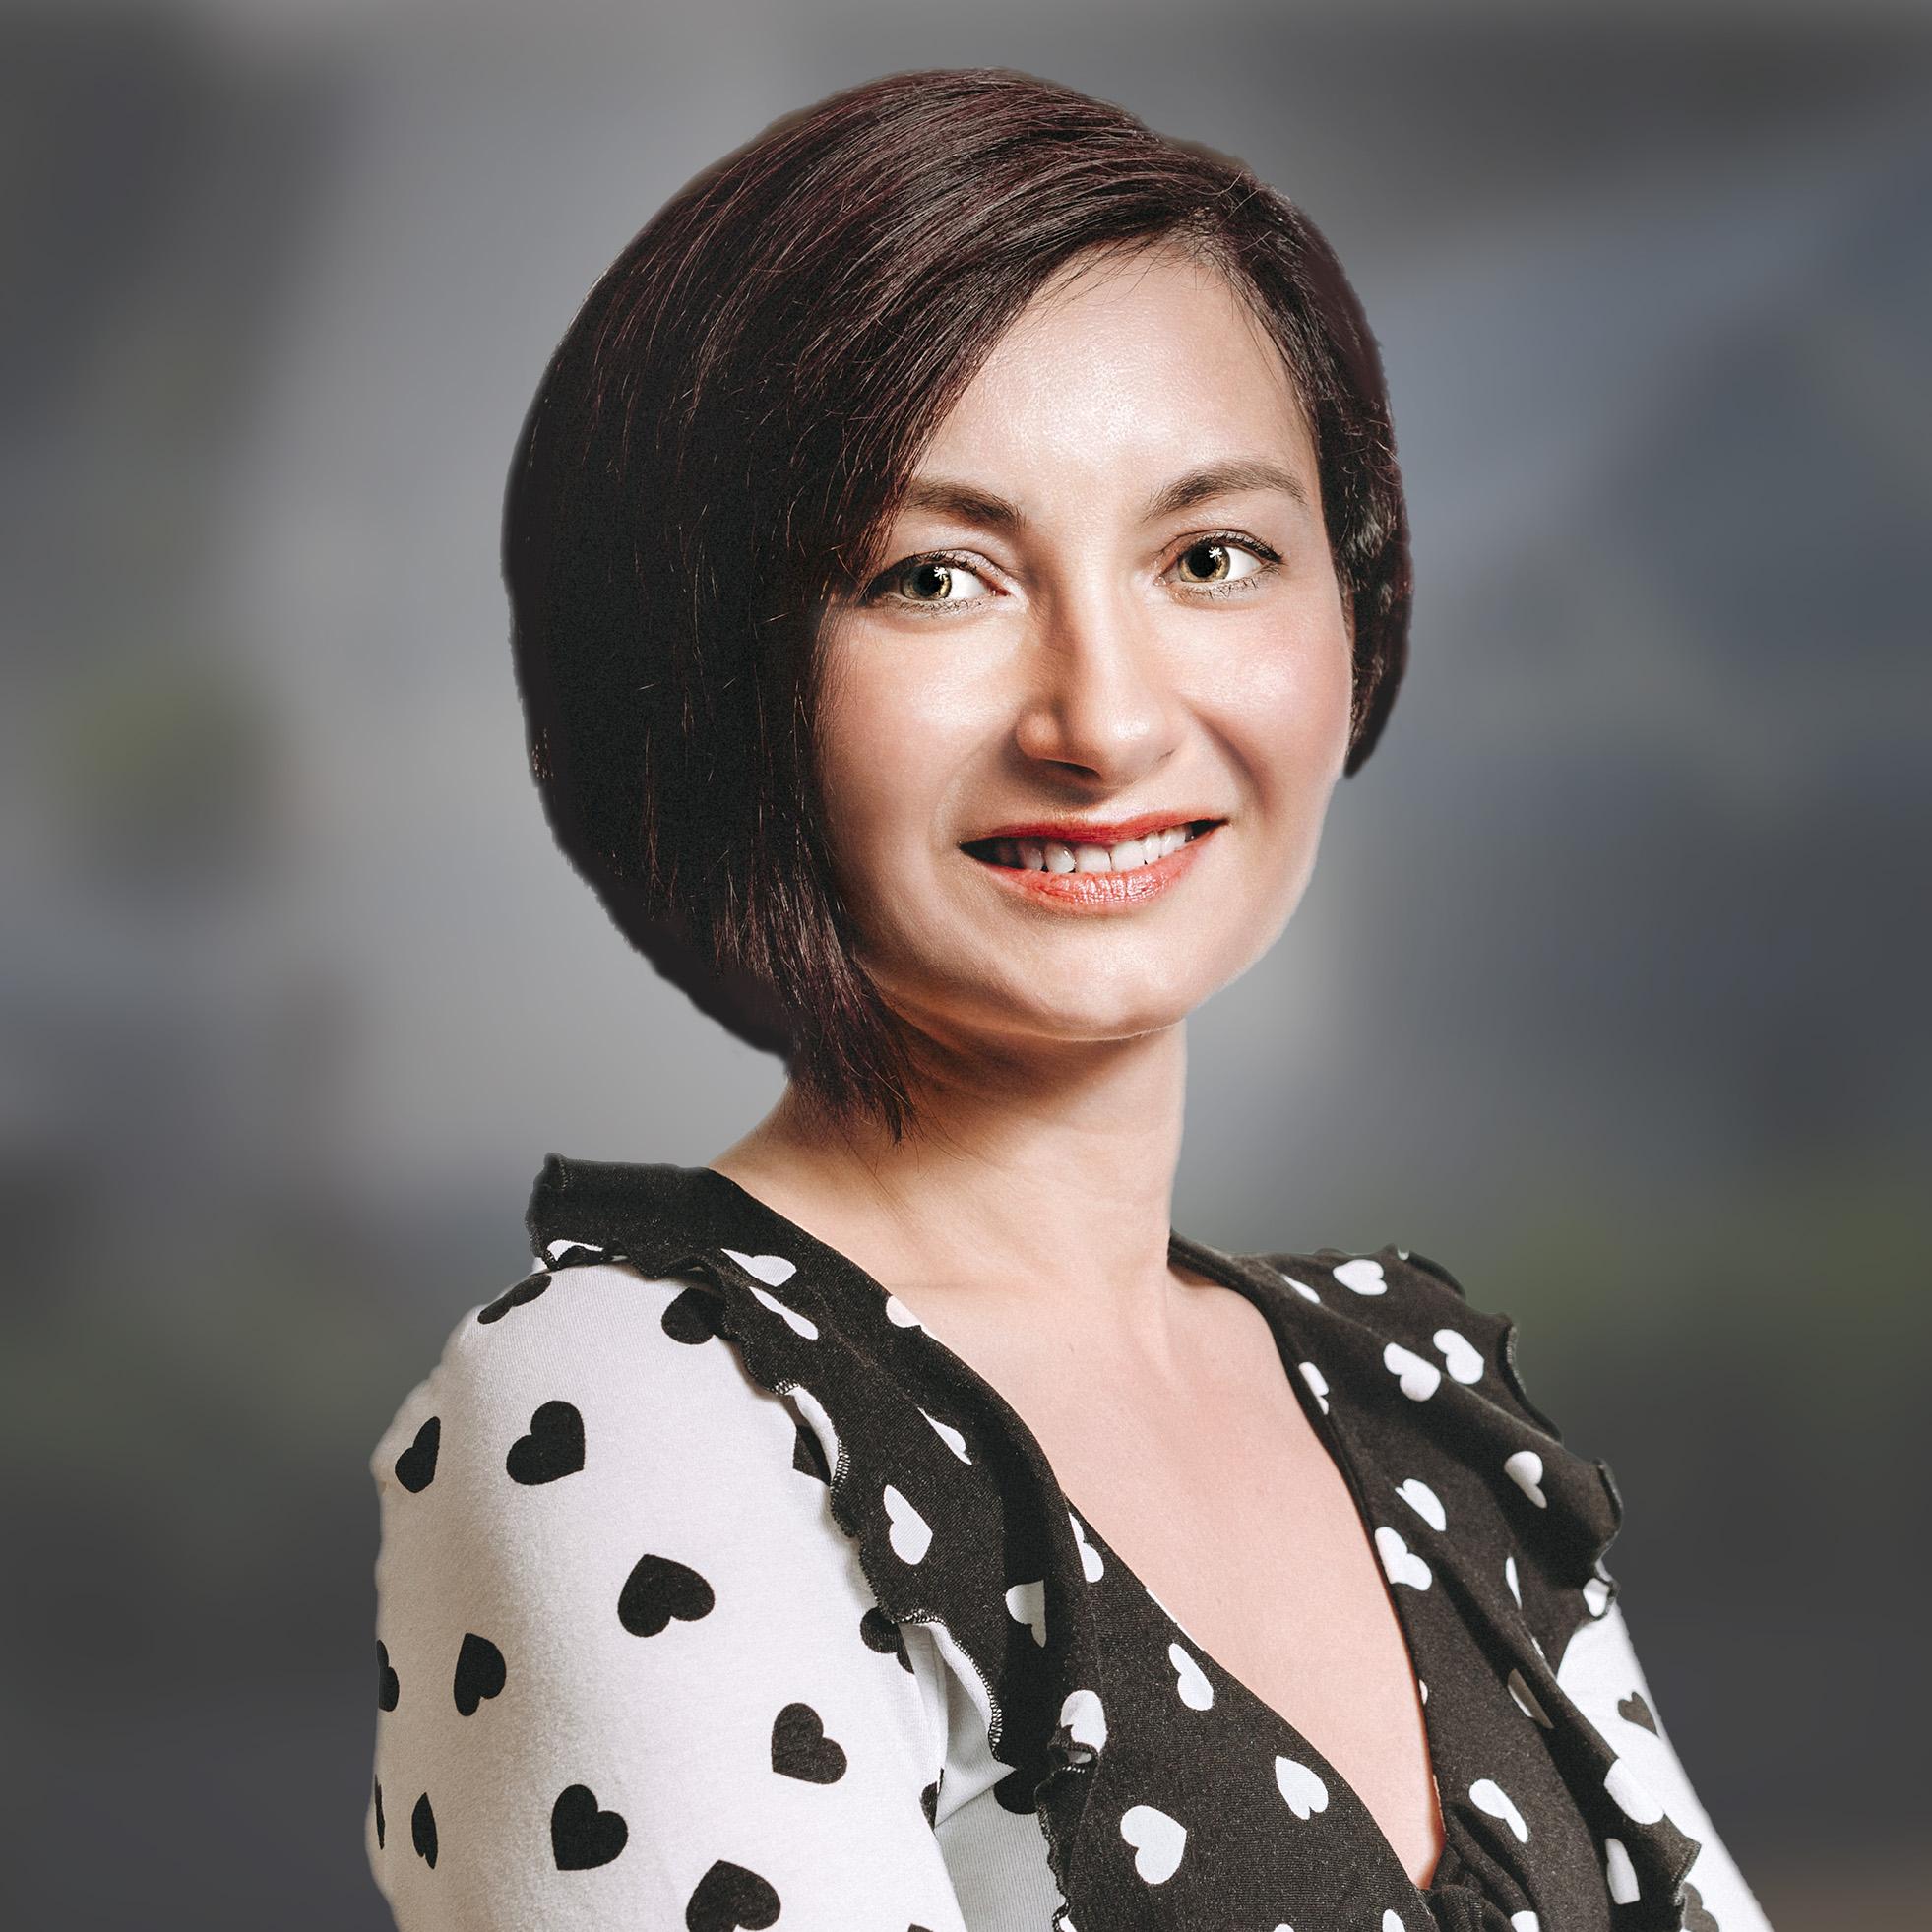 Marzena Cieślak